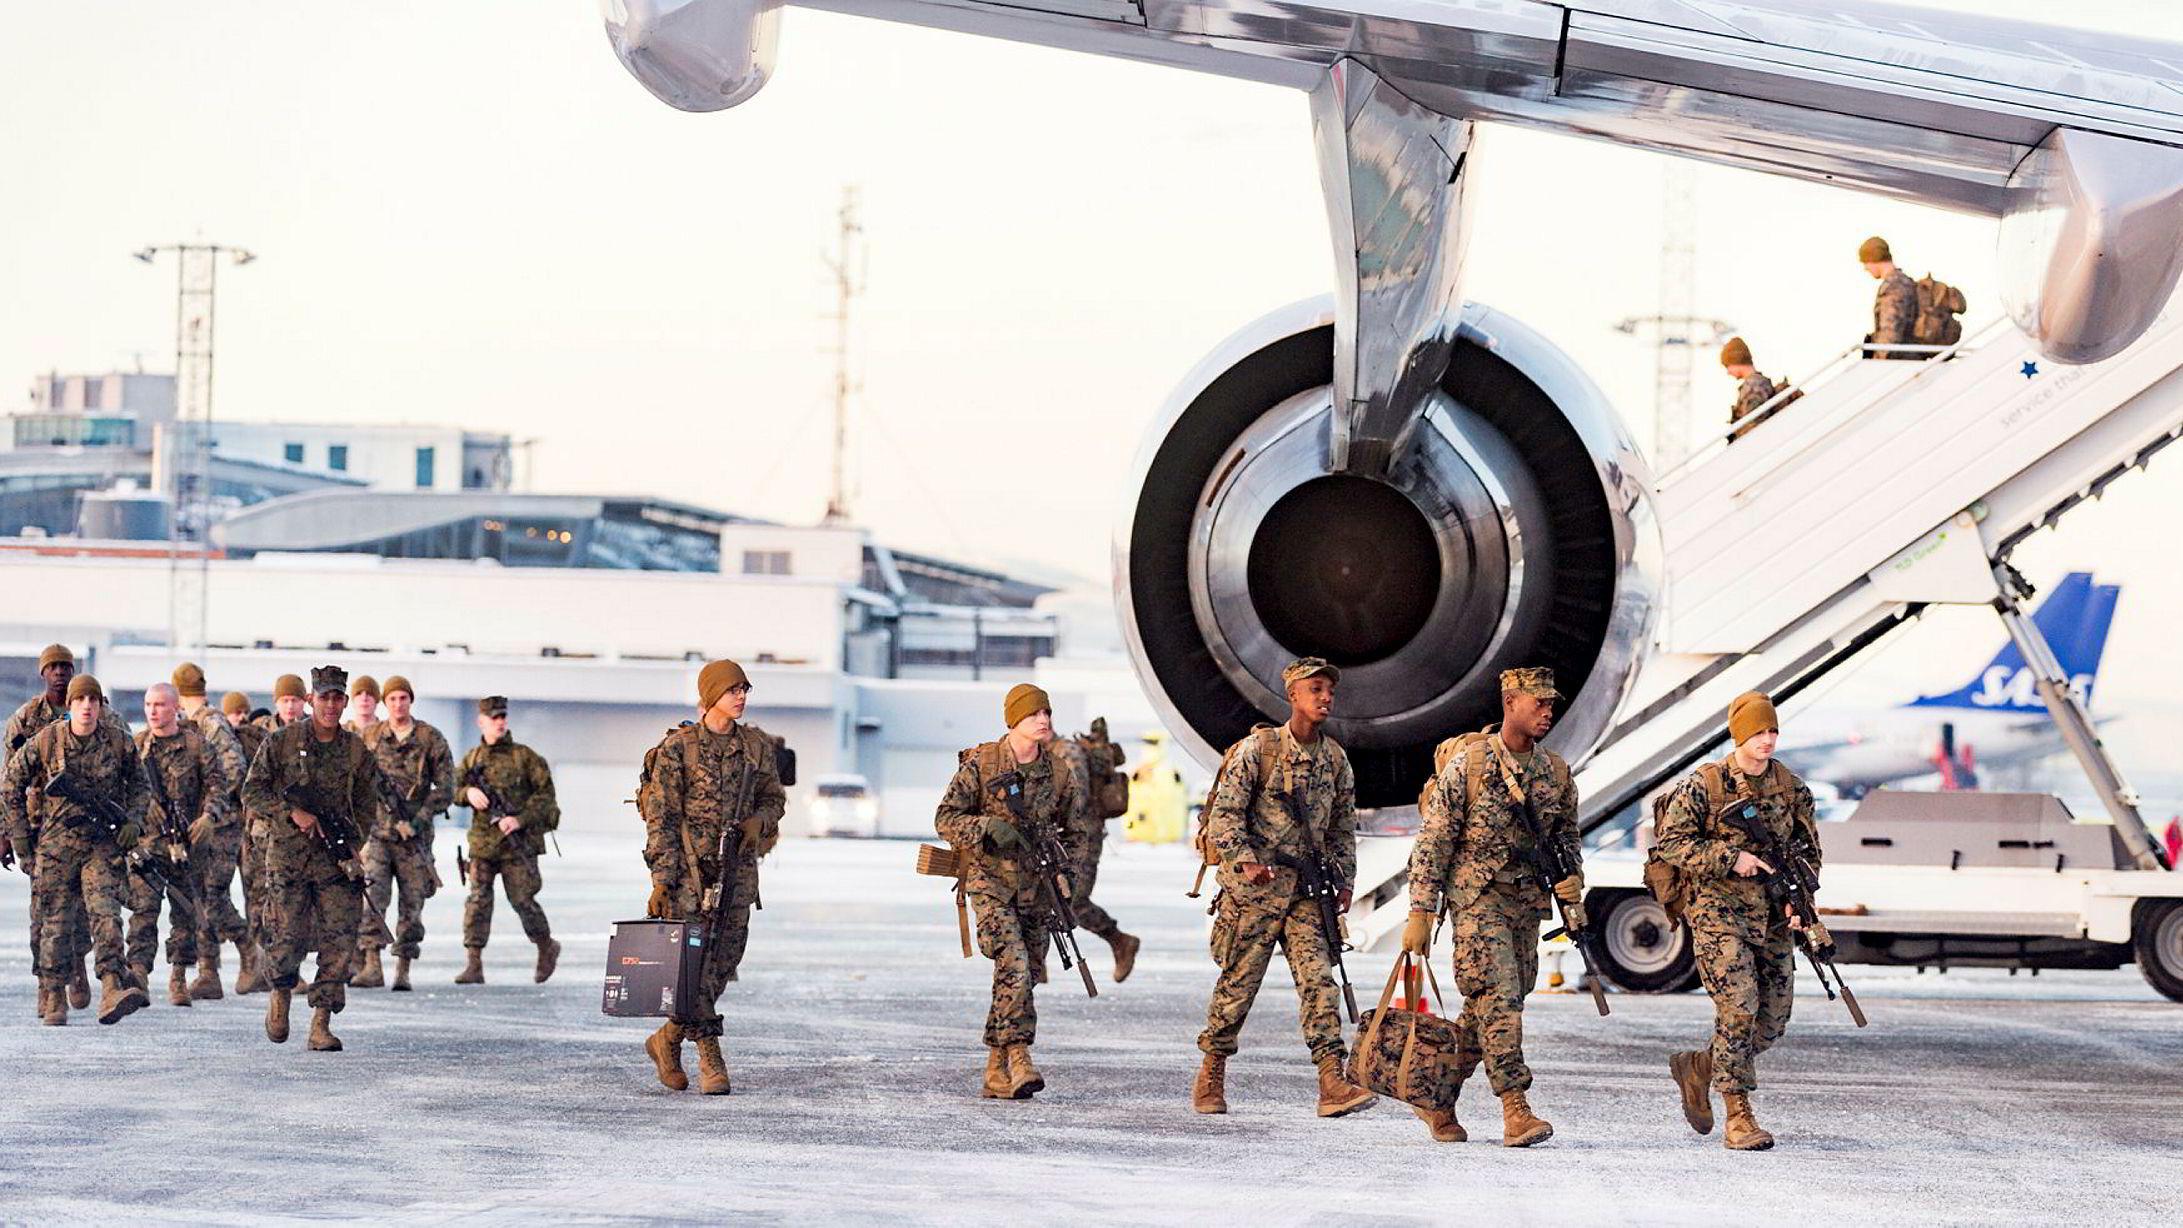 Et 747-fly med 300 soldater fra det amerikanske marinekorpset (USMC) landet på Værnes i januar.